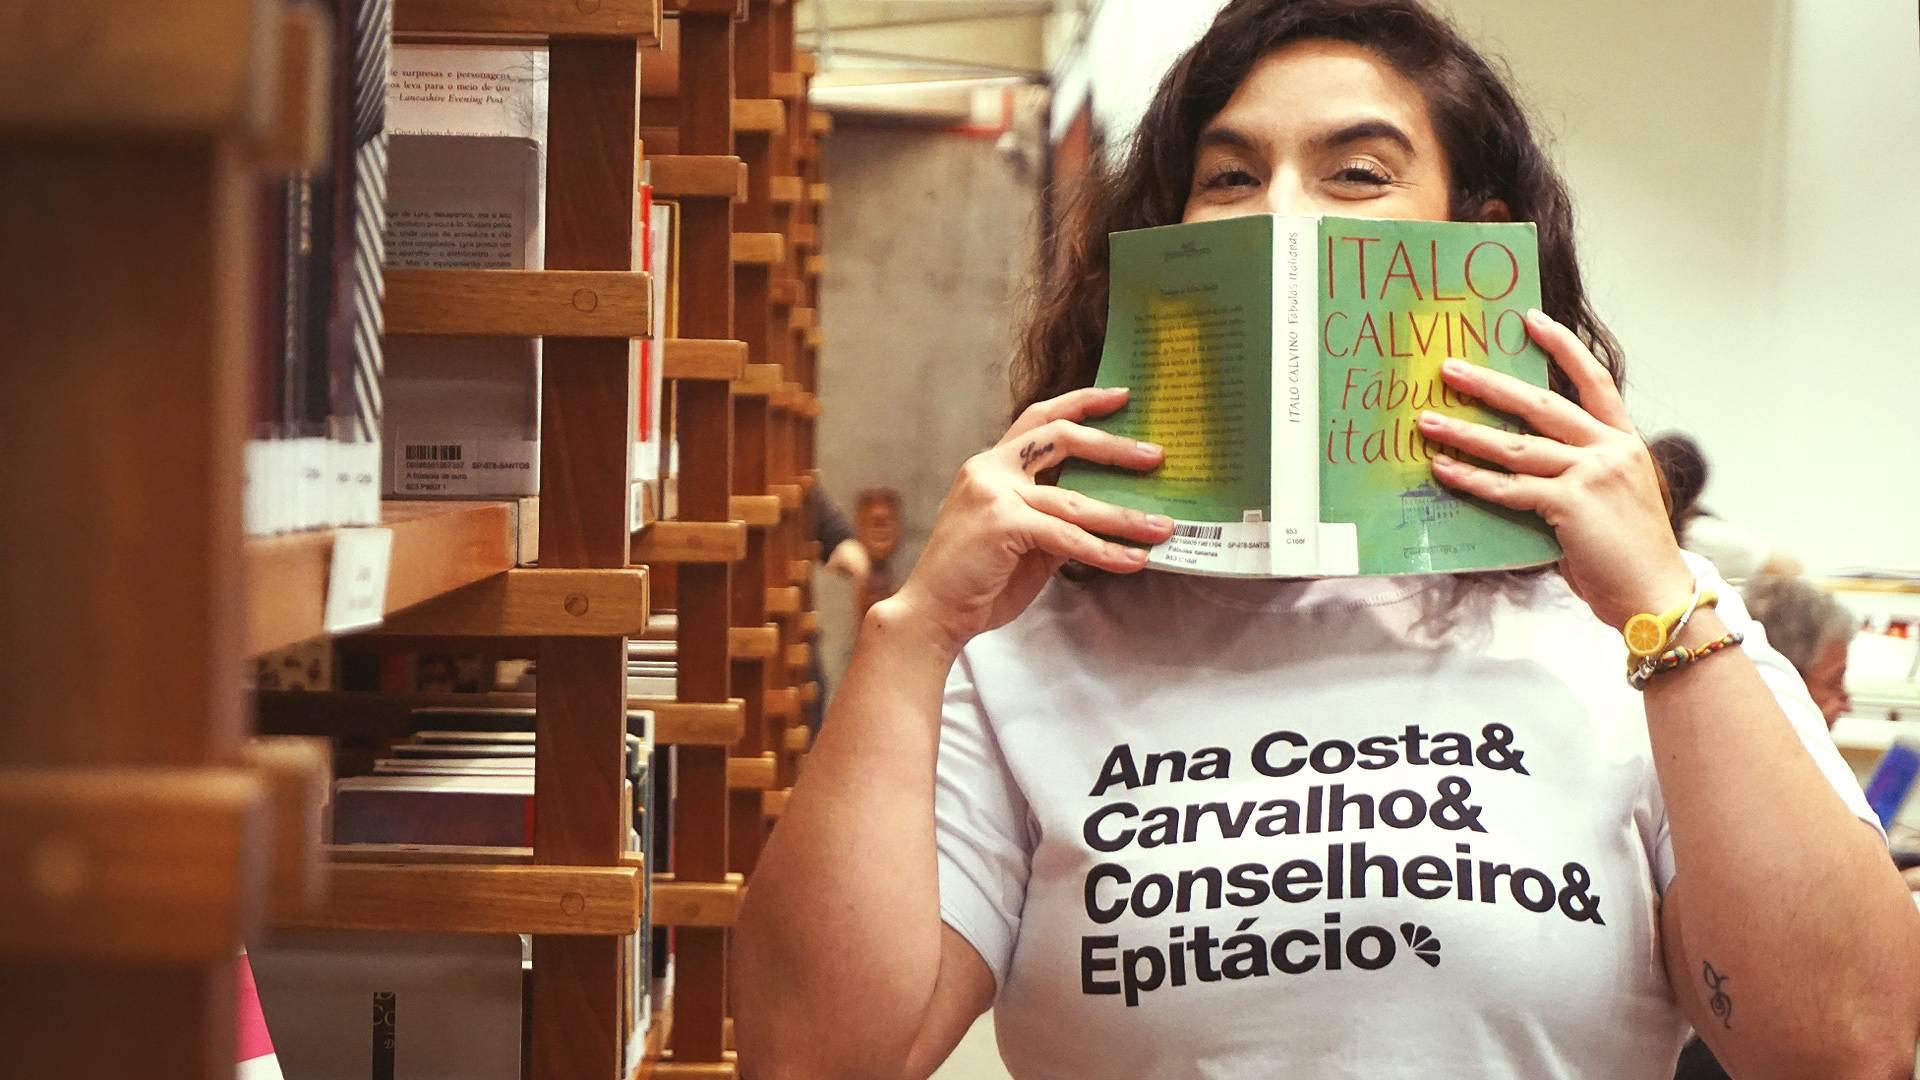 juicysantos.com.br - Rolês paraapaixonados por livros em Santos